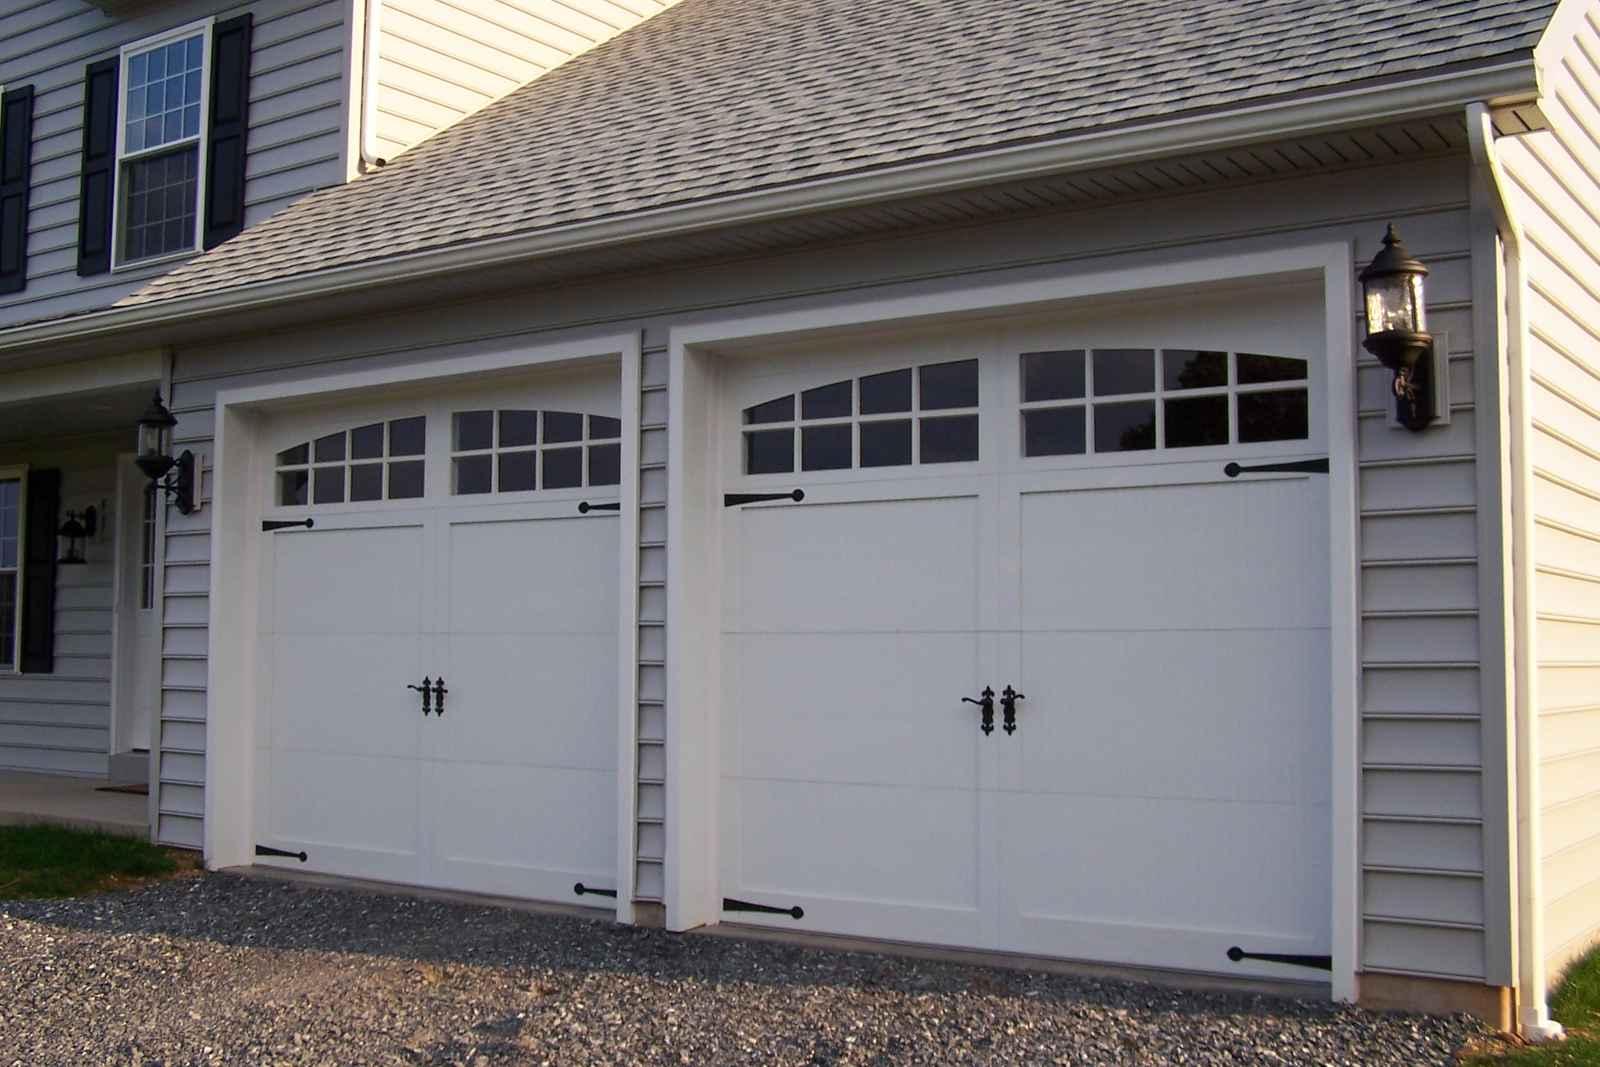 Dakota Door Clopay Overhead Garage Doors Dealer Of Murfreesboro with regard to size 1600 X 1067